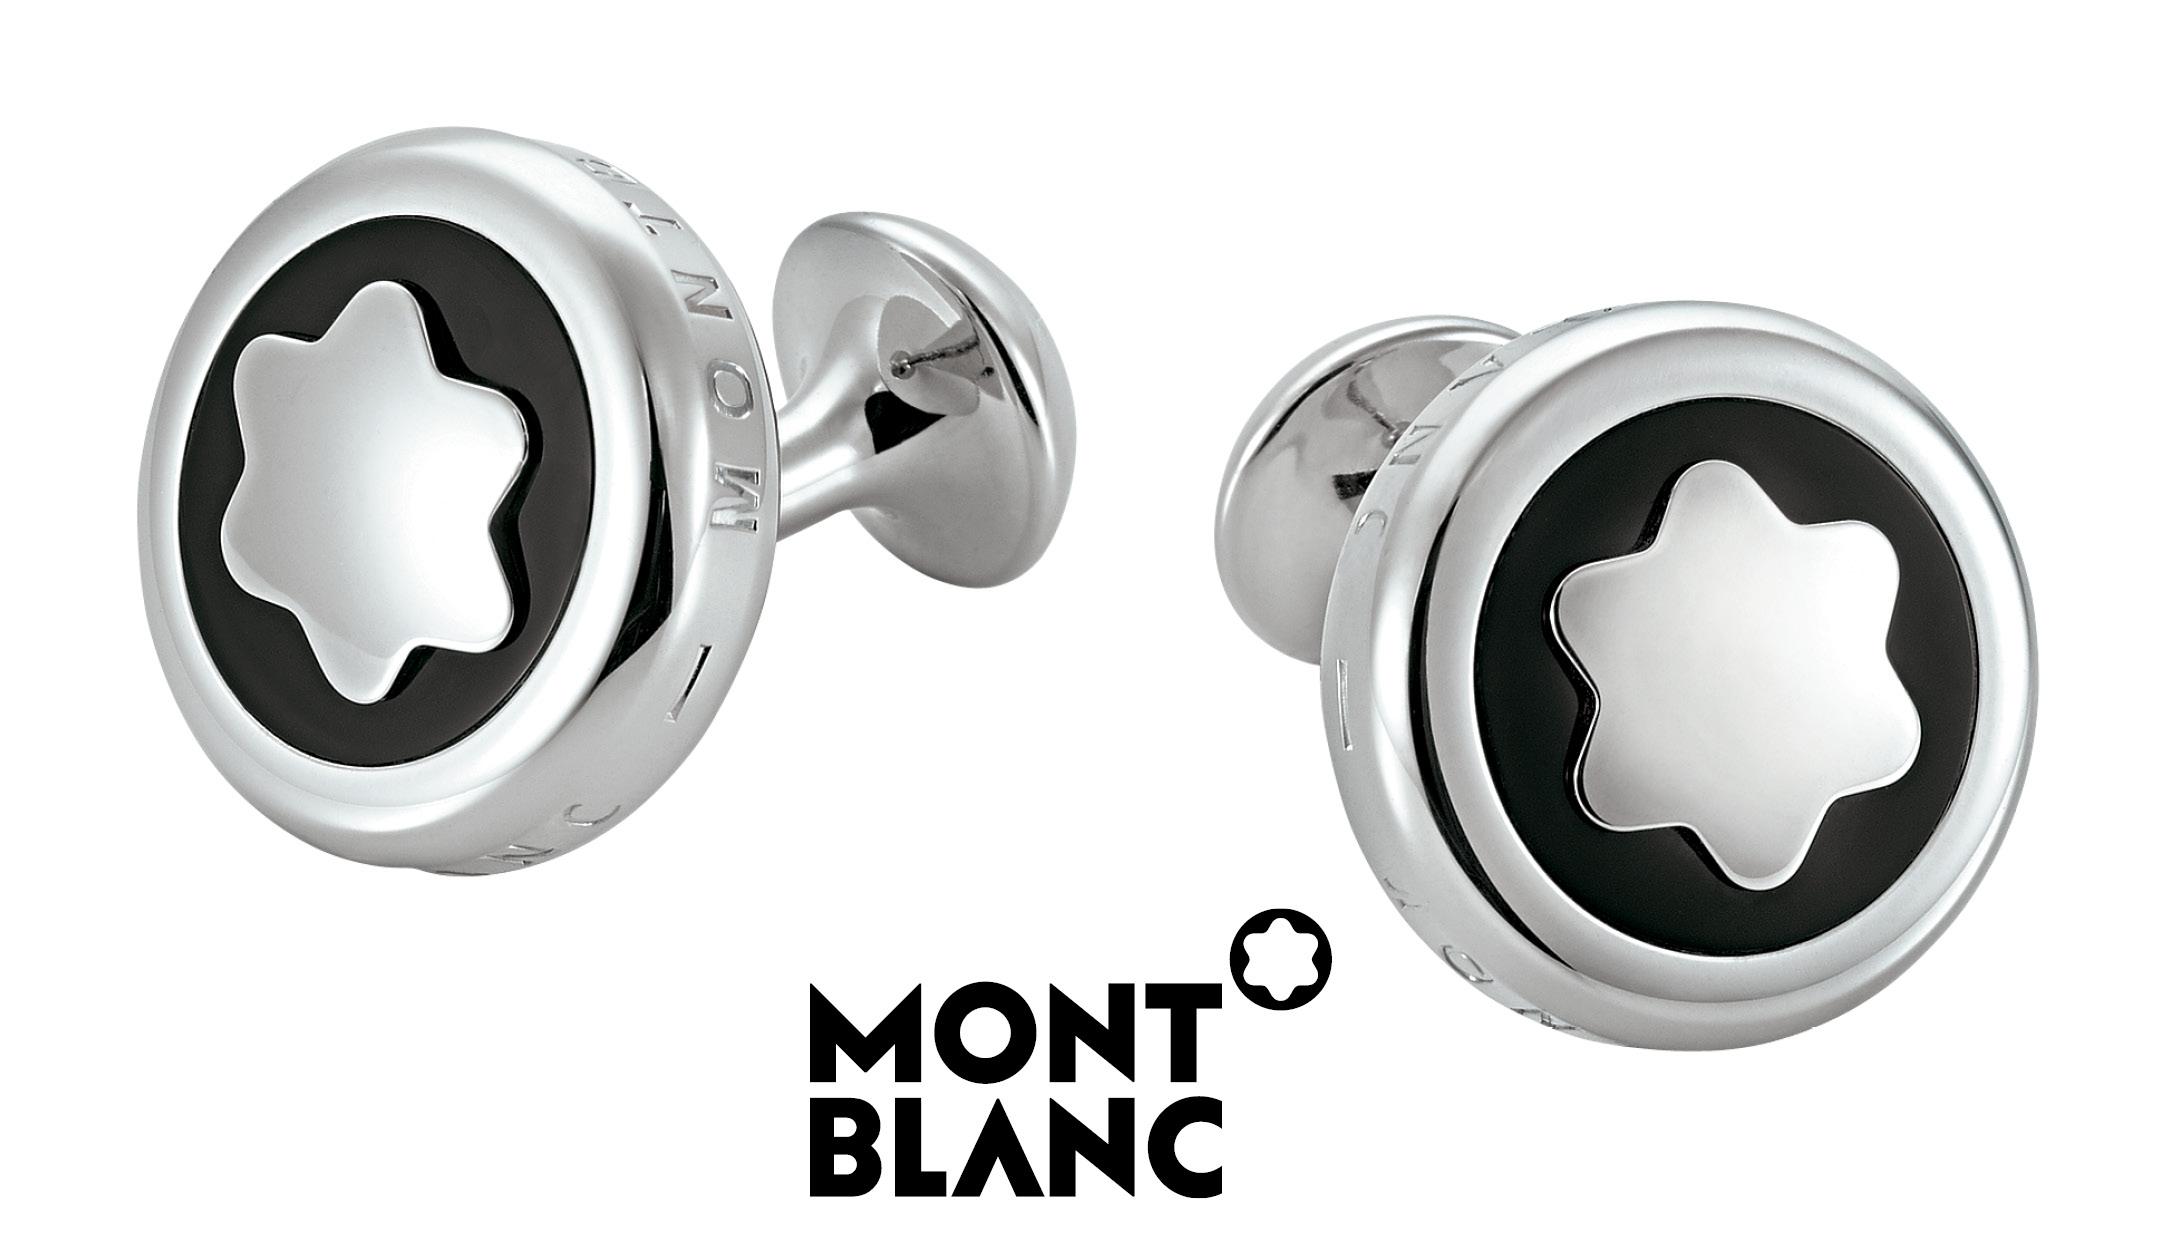 MontBlanc_Cufflinks